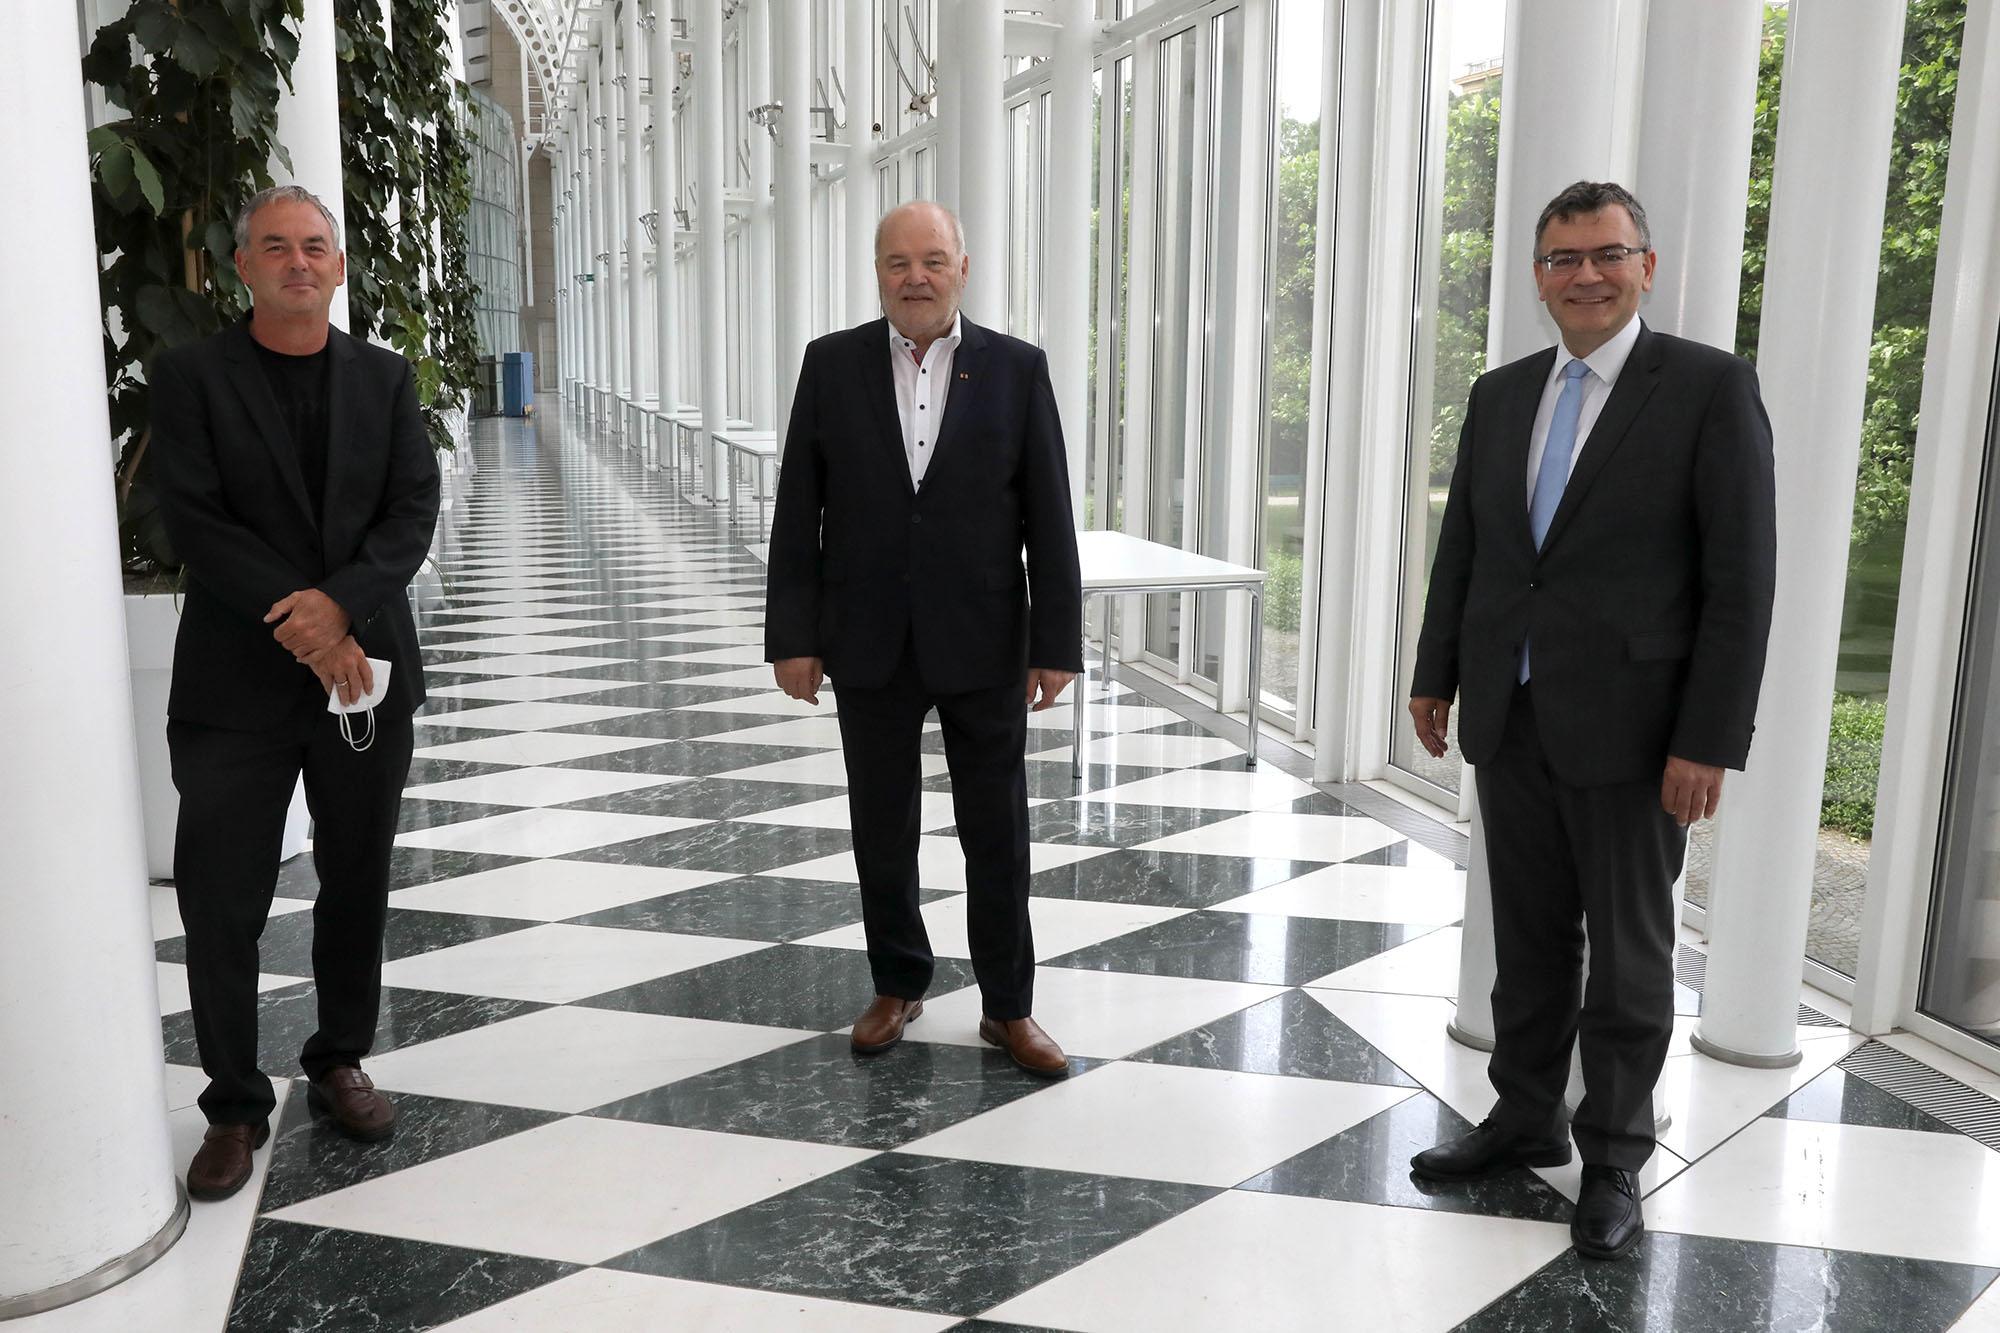 Dirk Weinzierl (Geschäftsführer LIV), Albert Vetterl (Präsident und Landesinnungsmeister) sowie Staatsminister Dr. Florian Herrmann, MdL (v.l.) in der Staatskanzlei